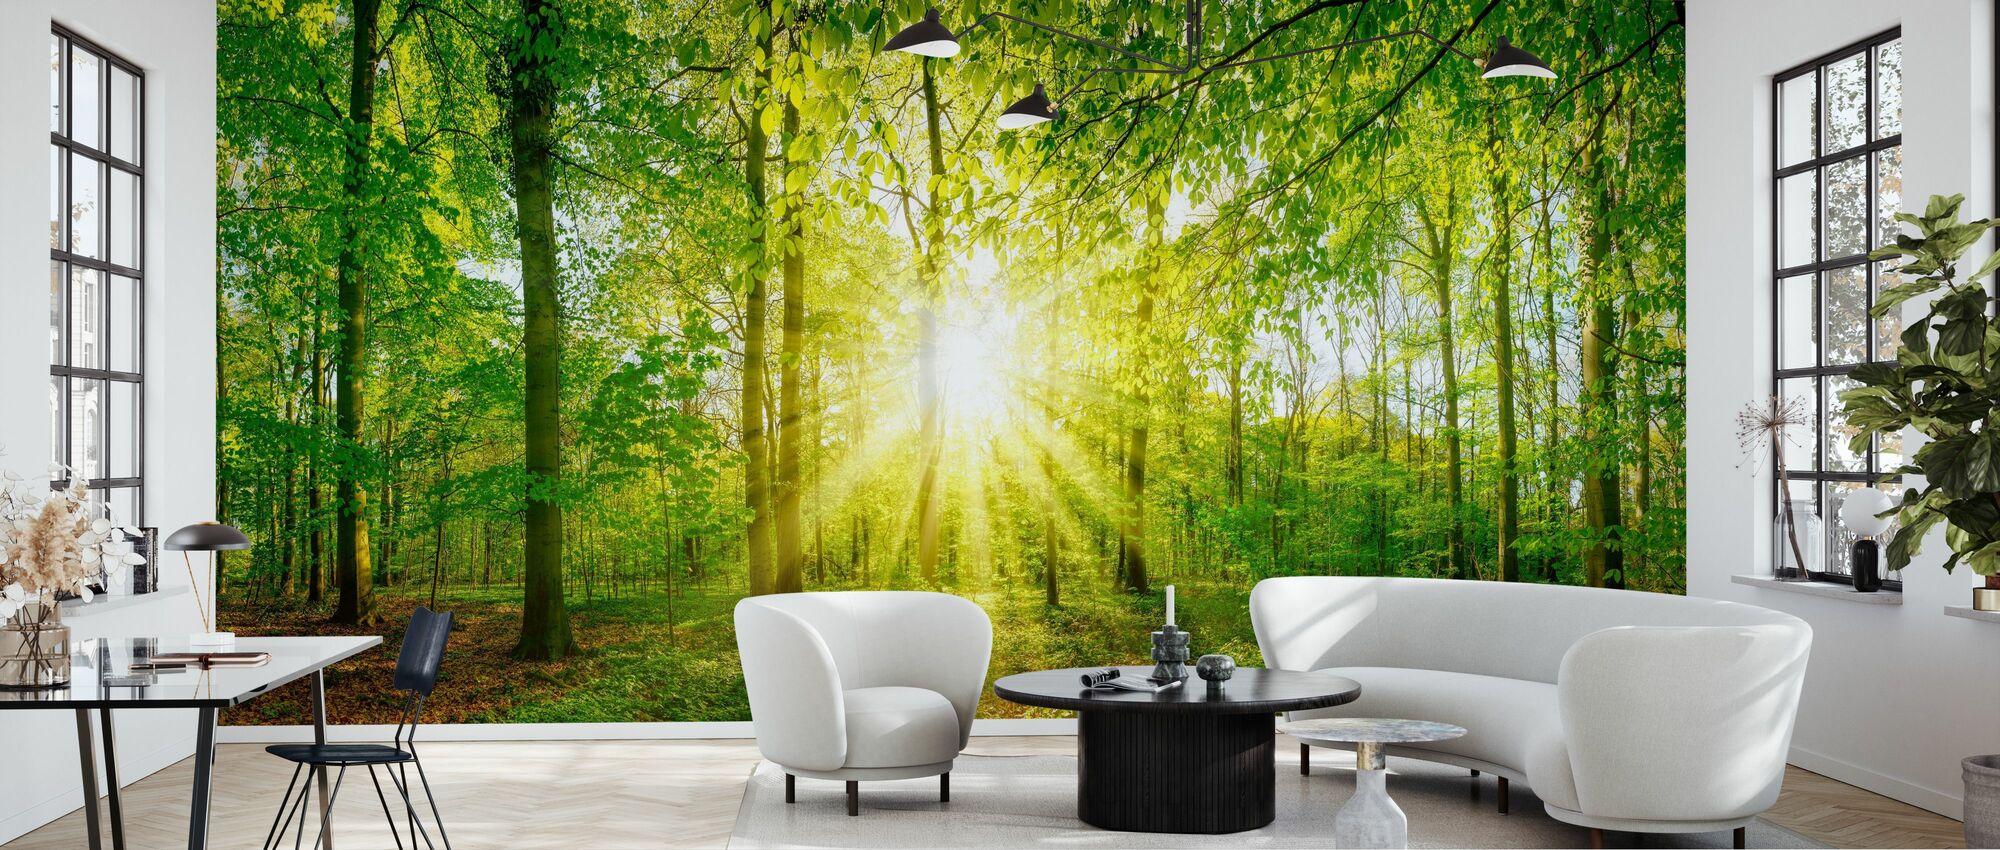 Sollys i skogen - Tapet - Stue